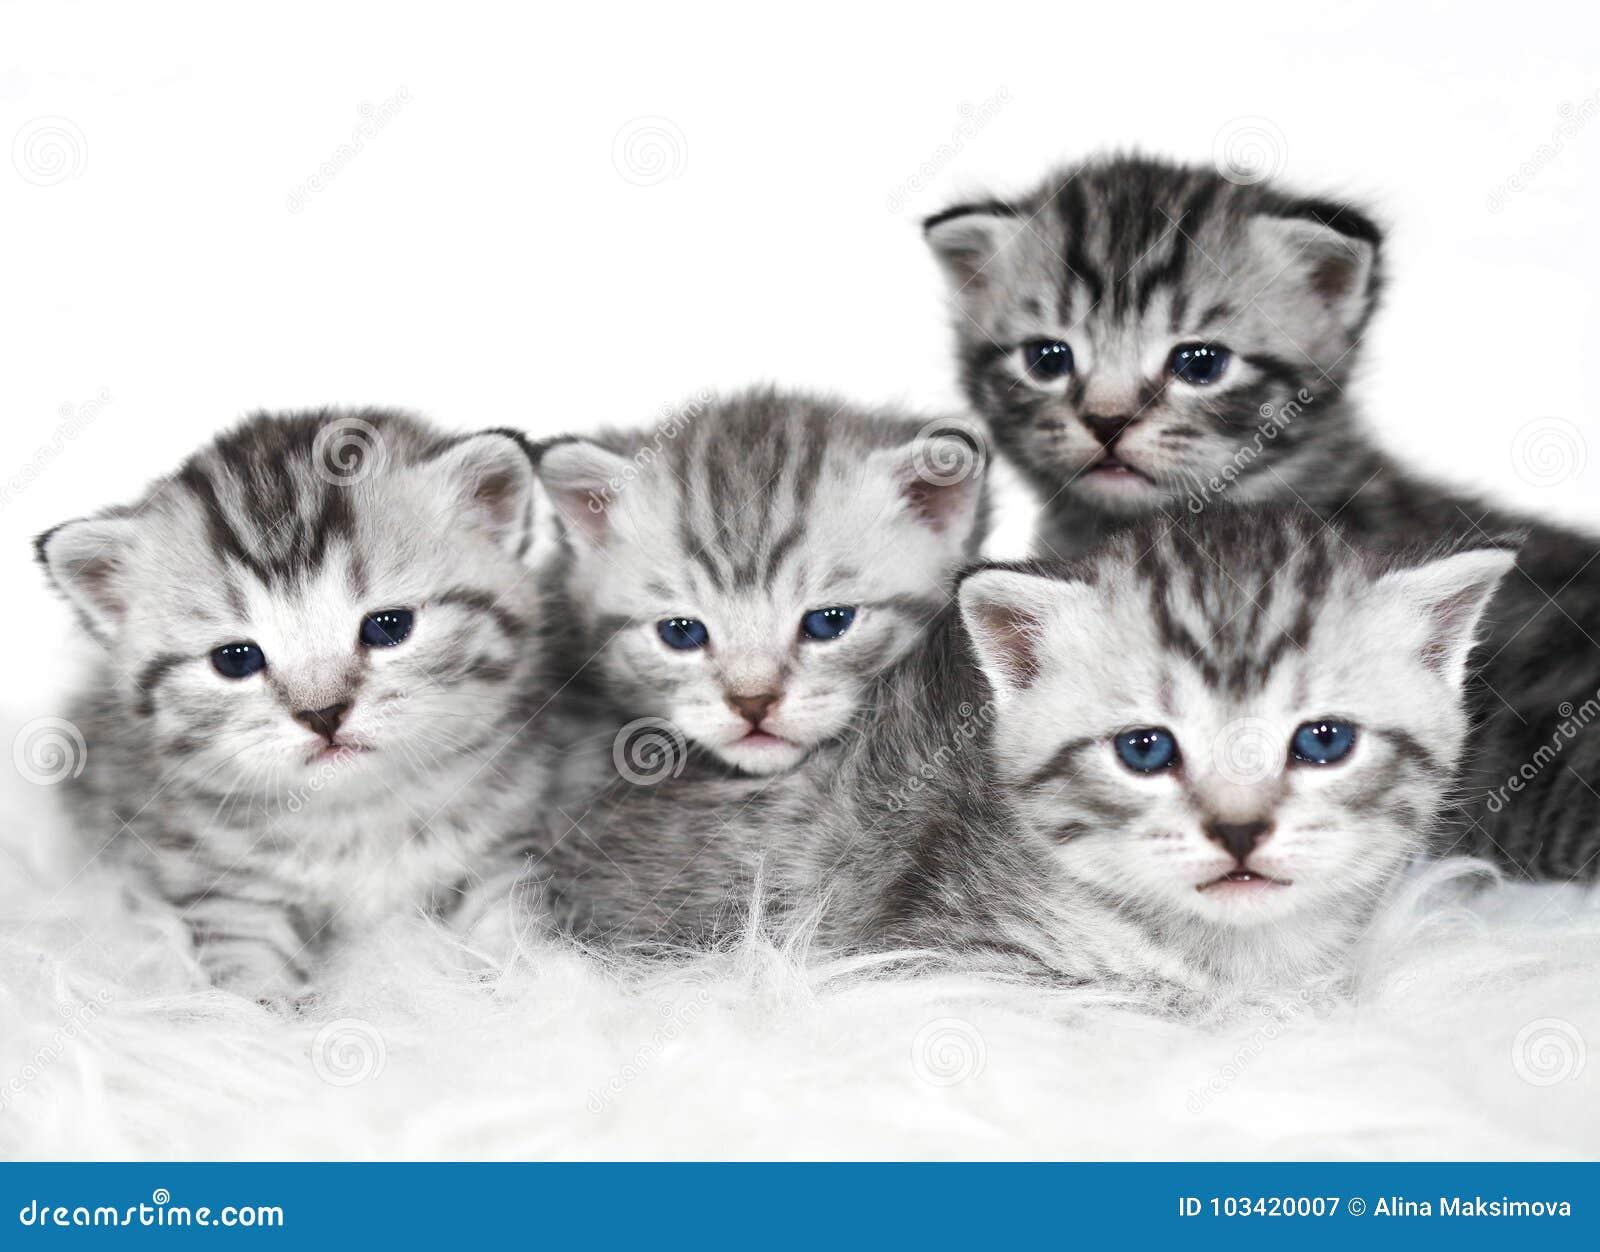 Gatitos Preciosos Del Color Gris Imagen de archivo - Imagen de gato ...